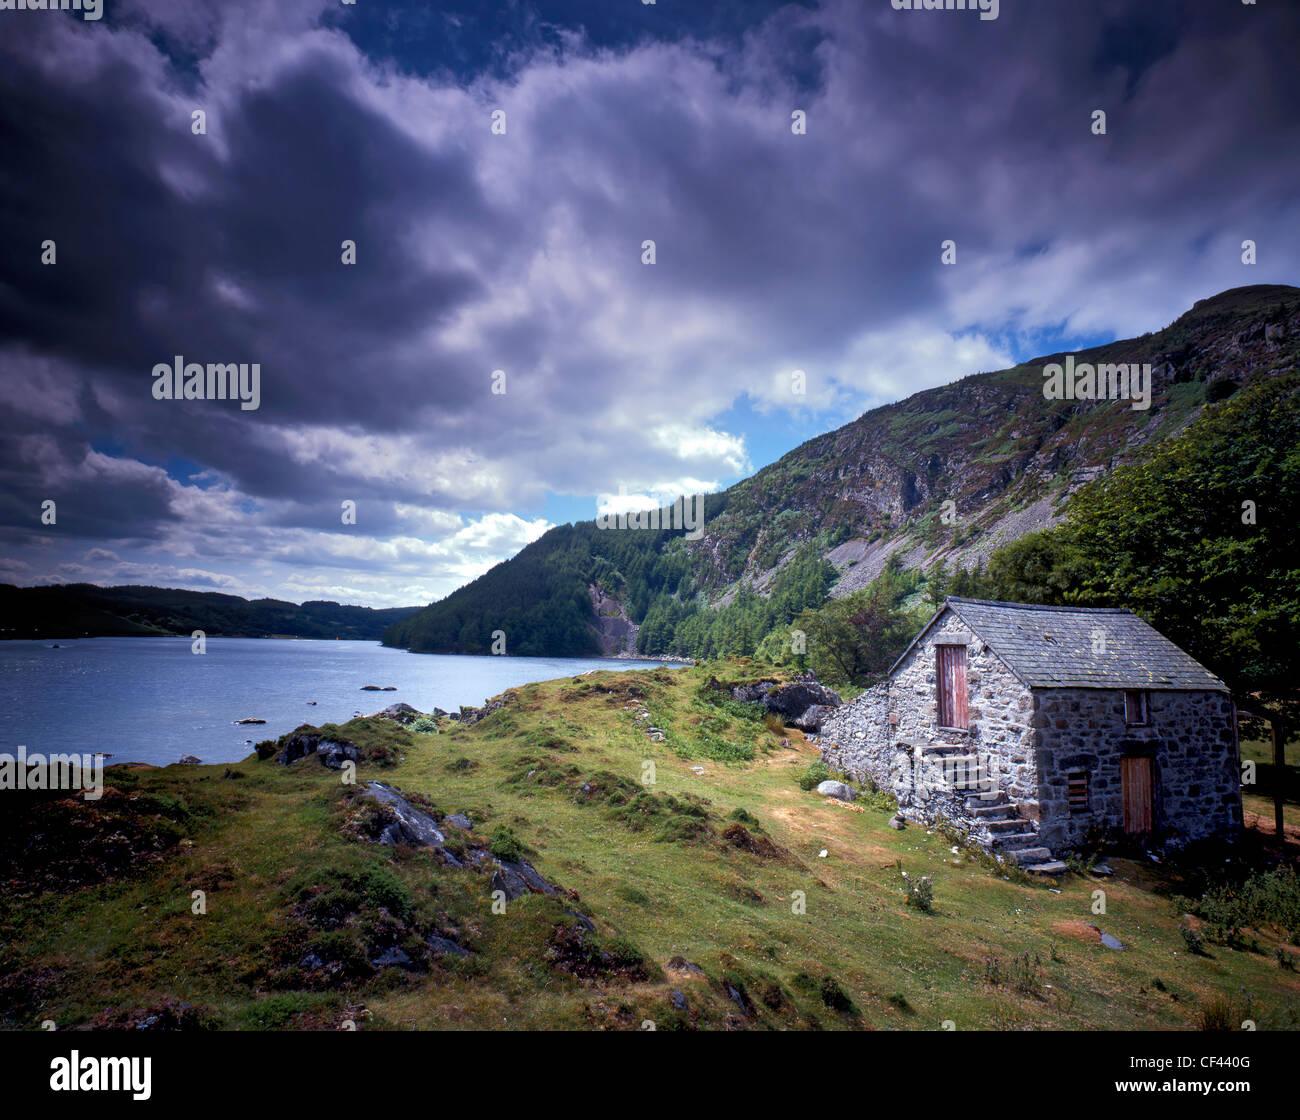 Vista su tutta Llyn Geirionydd, un lago remoto in Snowdonia come aria di tempesta overhead. Immagini Stock